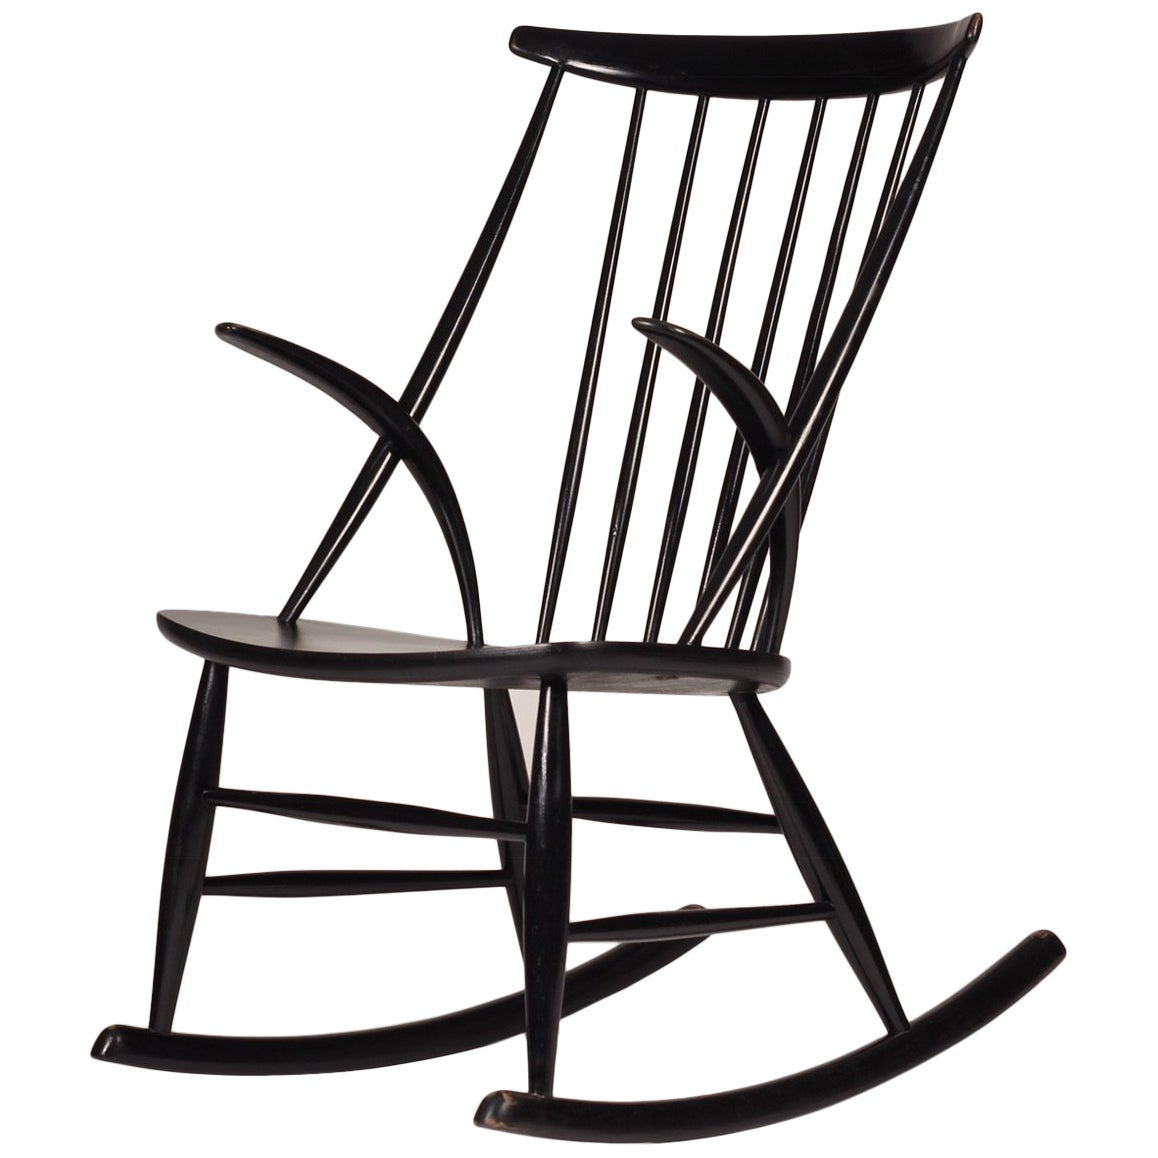 Scandinavian Modern Rocking Chair by Illum Wikkelsø, 1960s